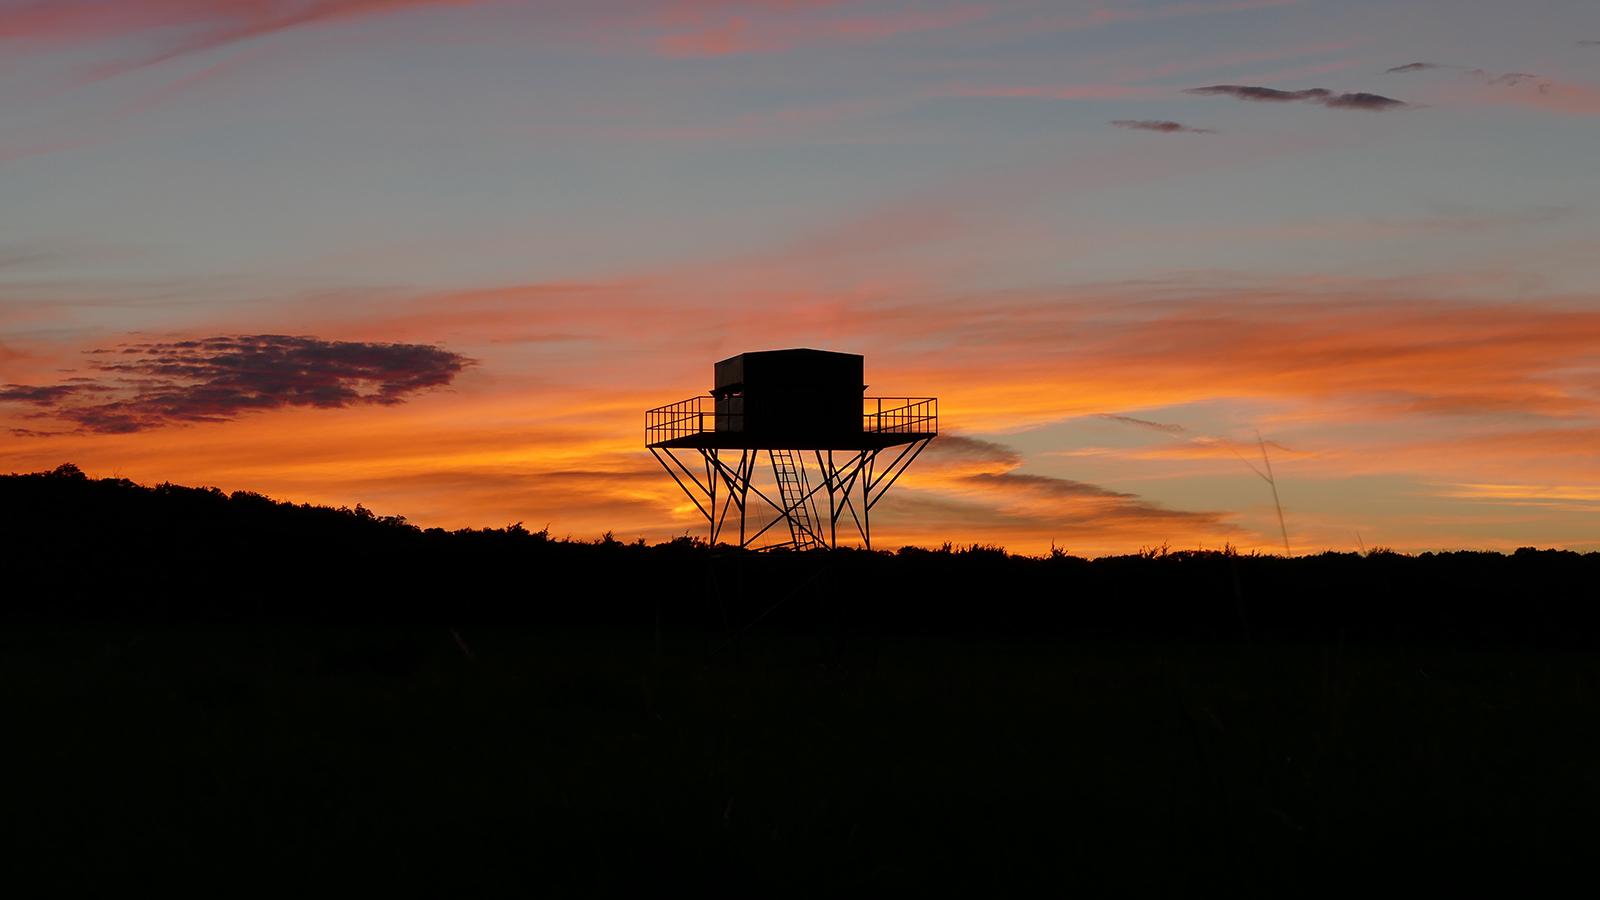 Sunset_Tower_Blind-1.jpg